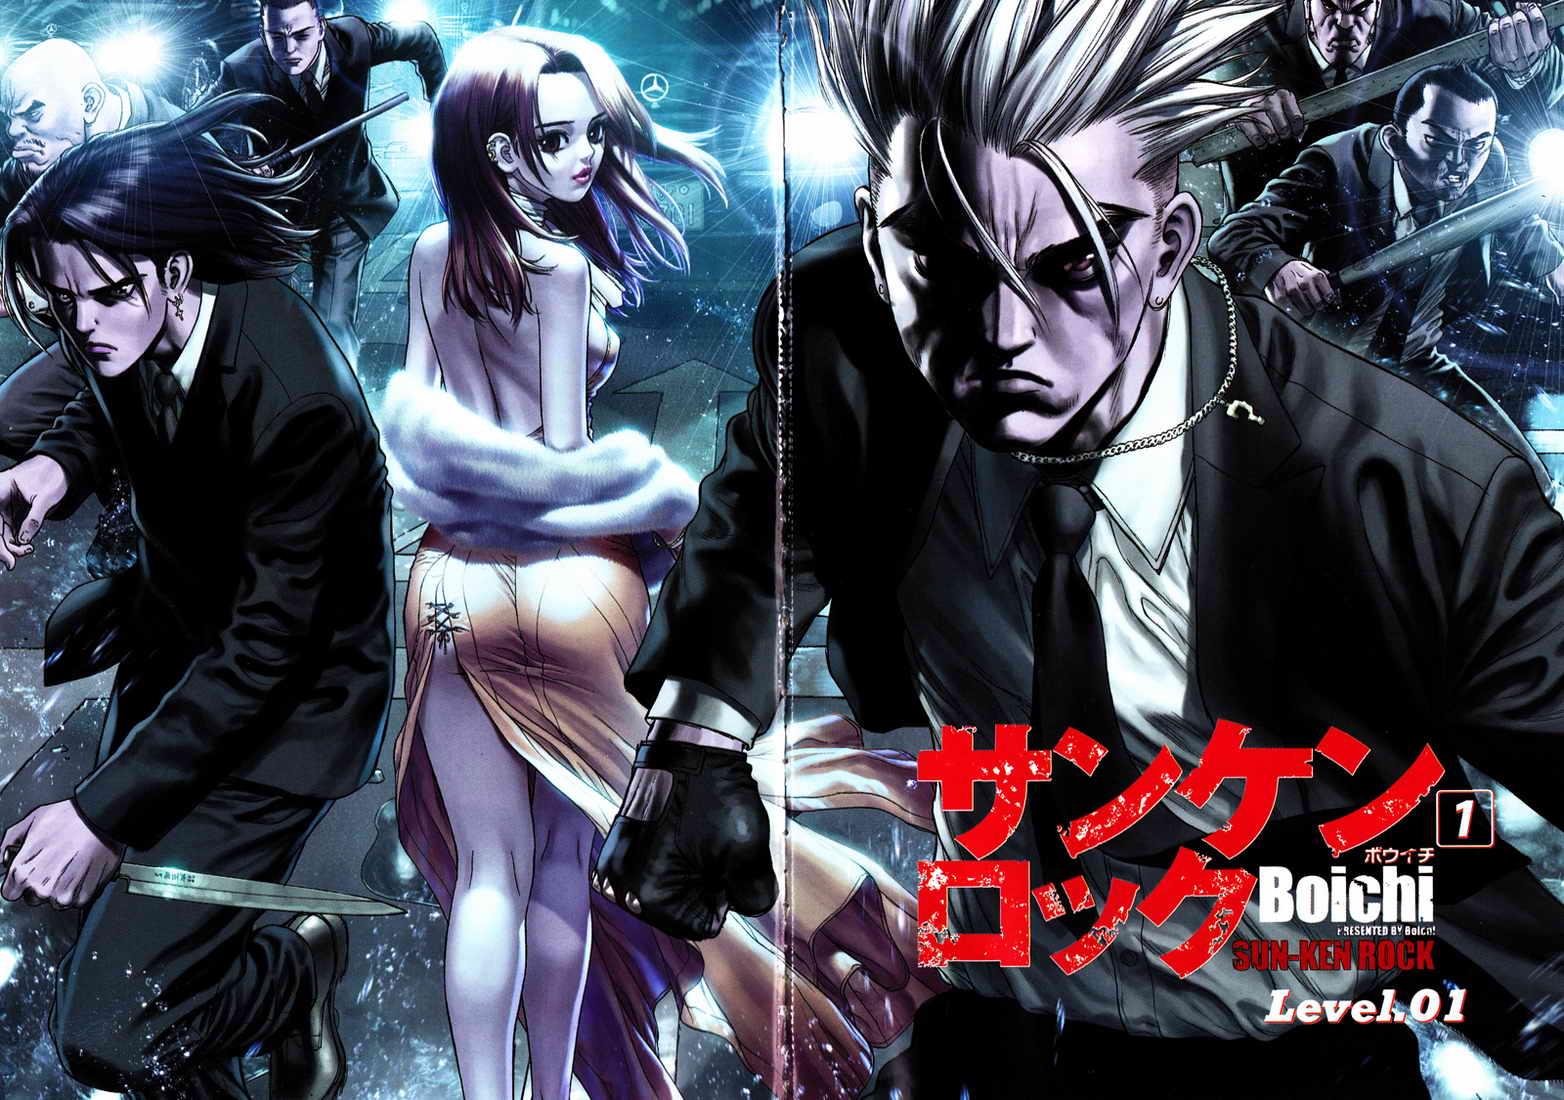 Sun-Ken Rock, volume 1